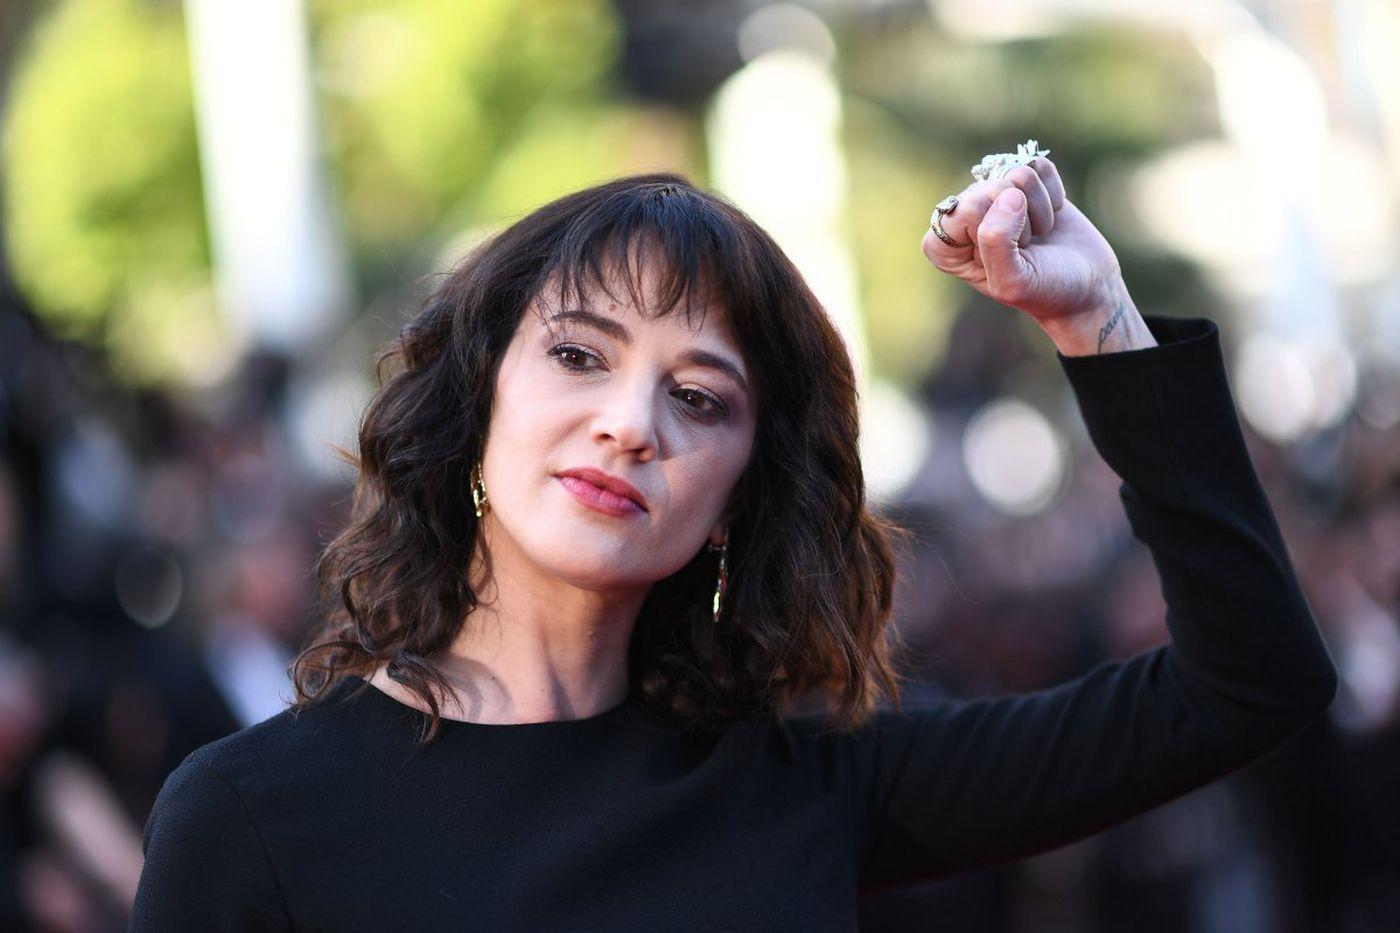 Asia Argento en Cannes - Crédito:@AsiaArgento